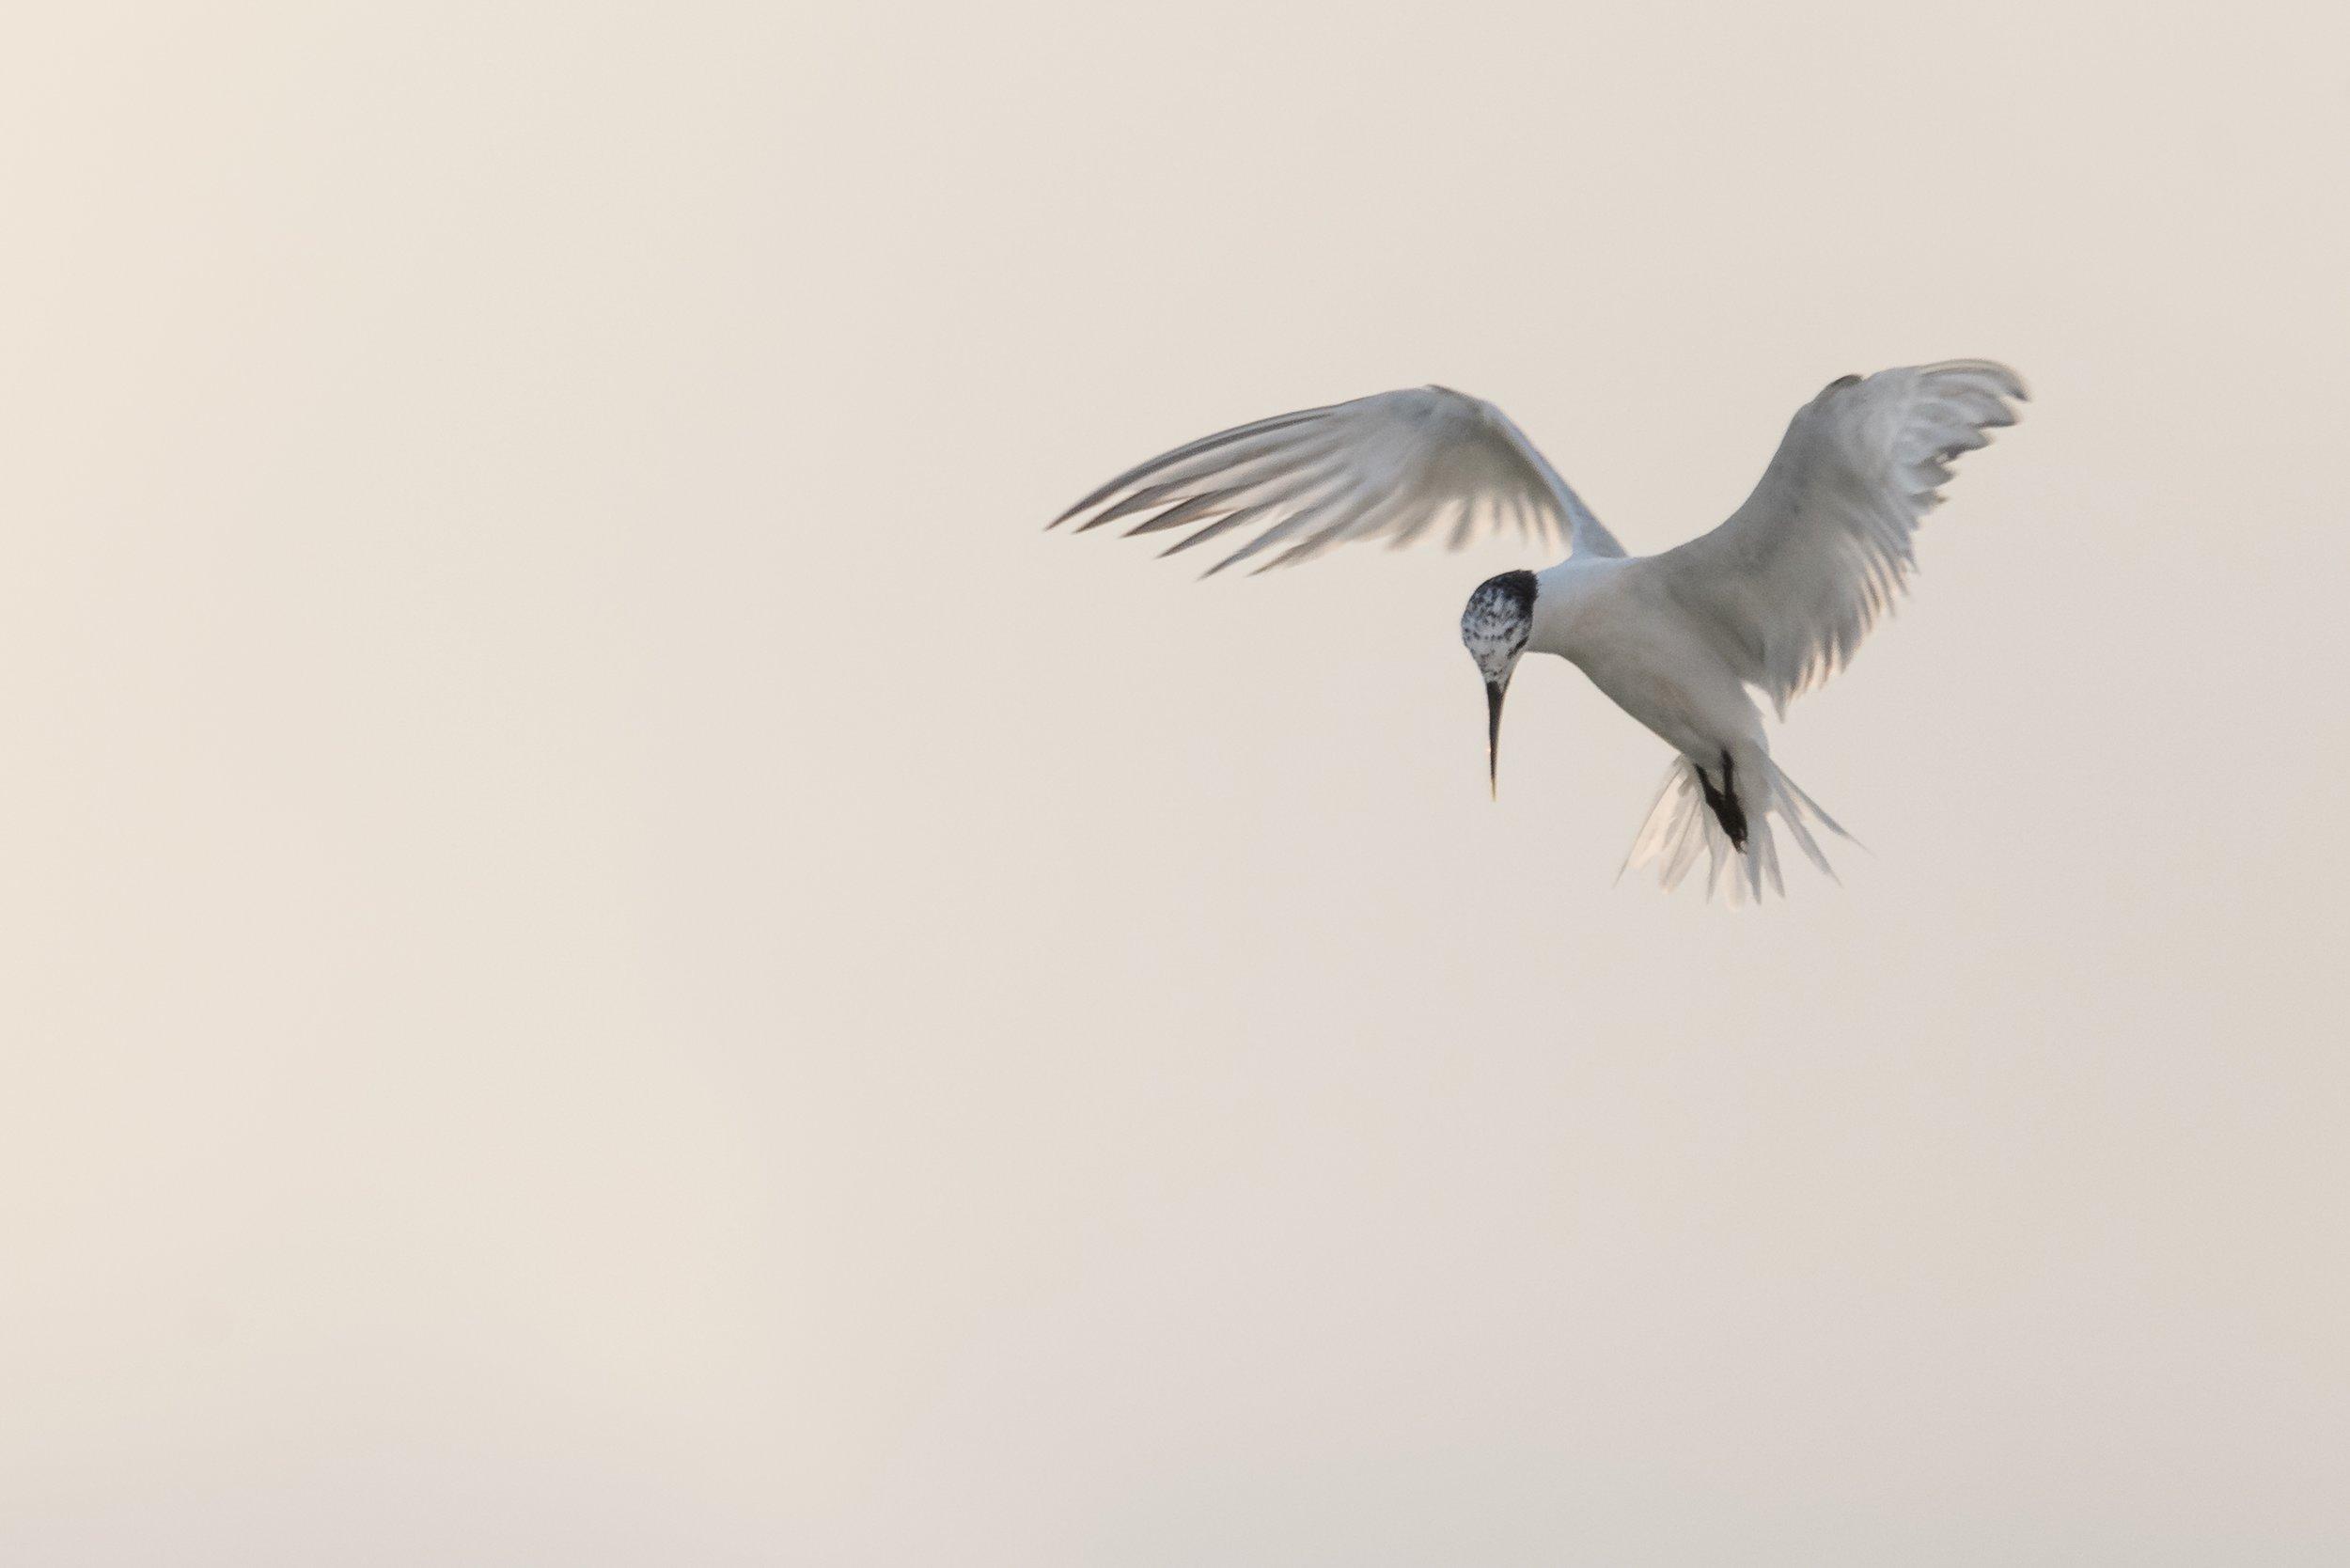 Sandwich Tern fishing